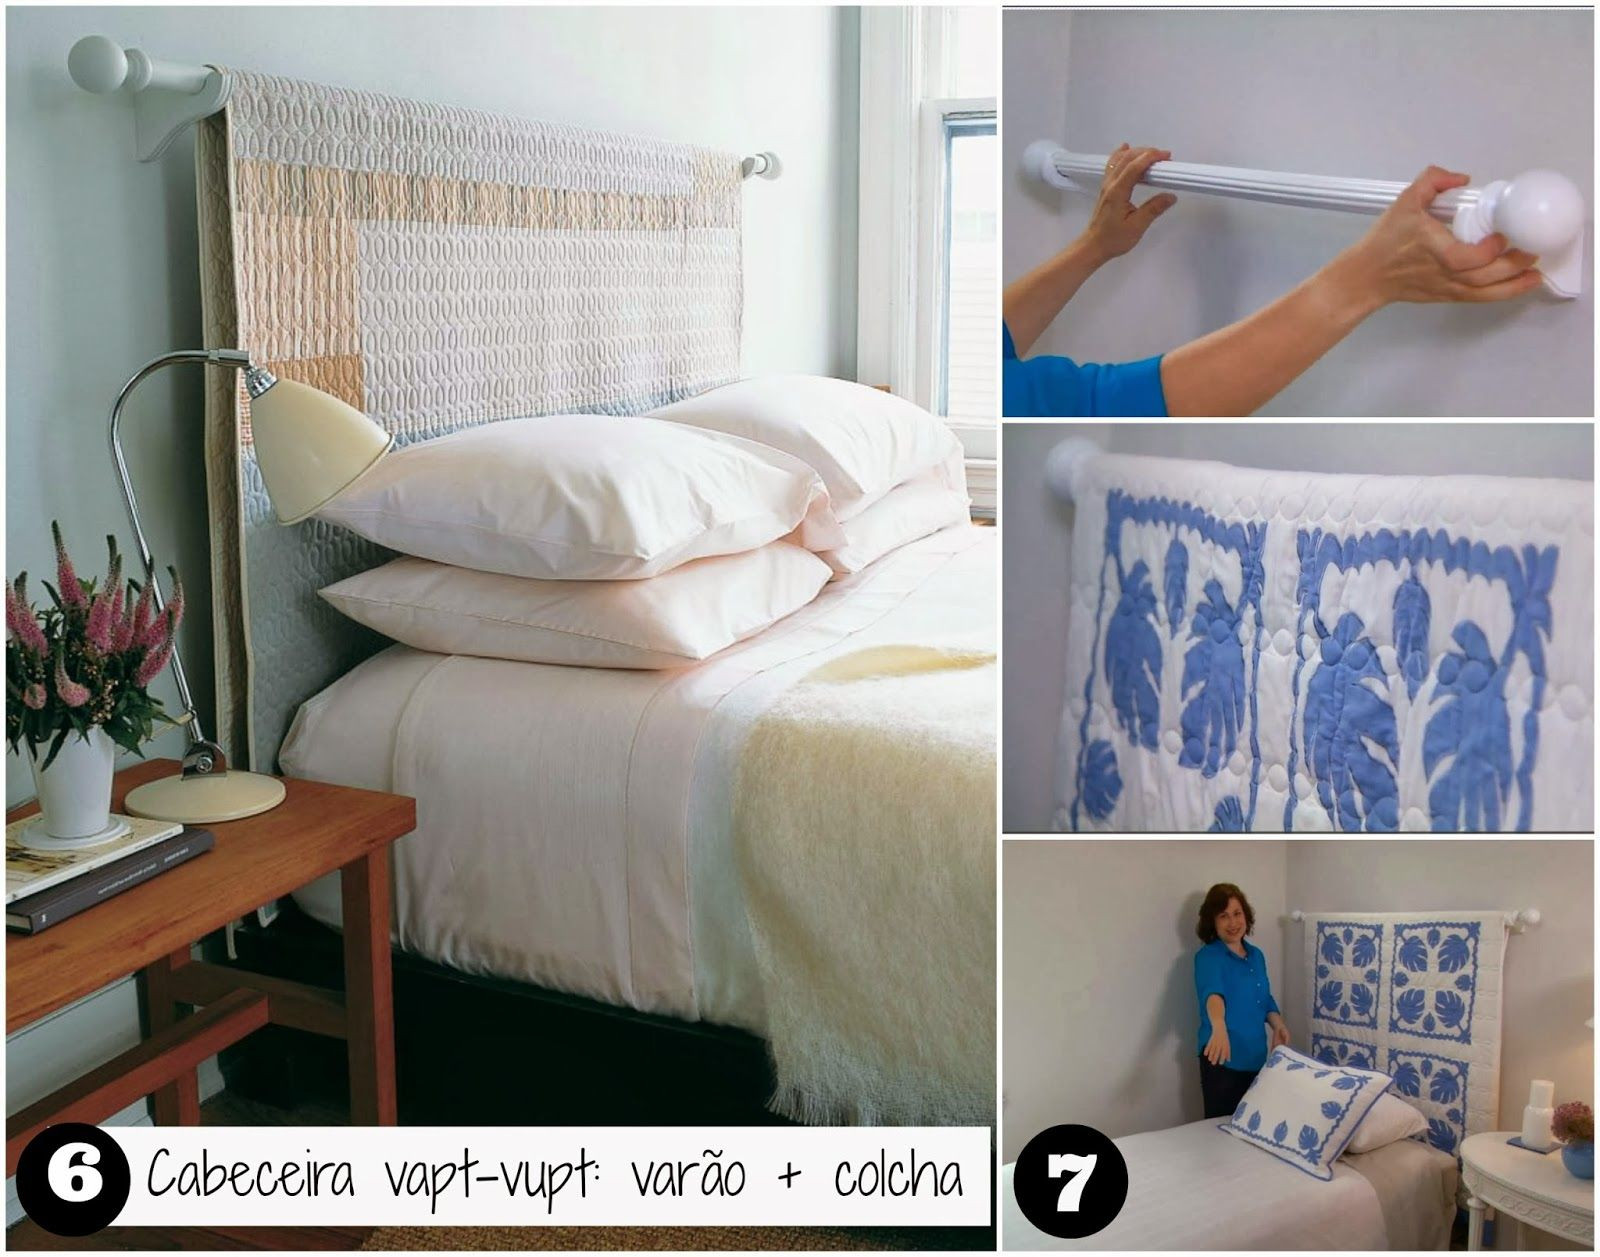 6a0c923c1 18 ideias para Decorar a cabeceira com tecido